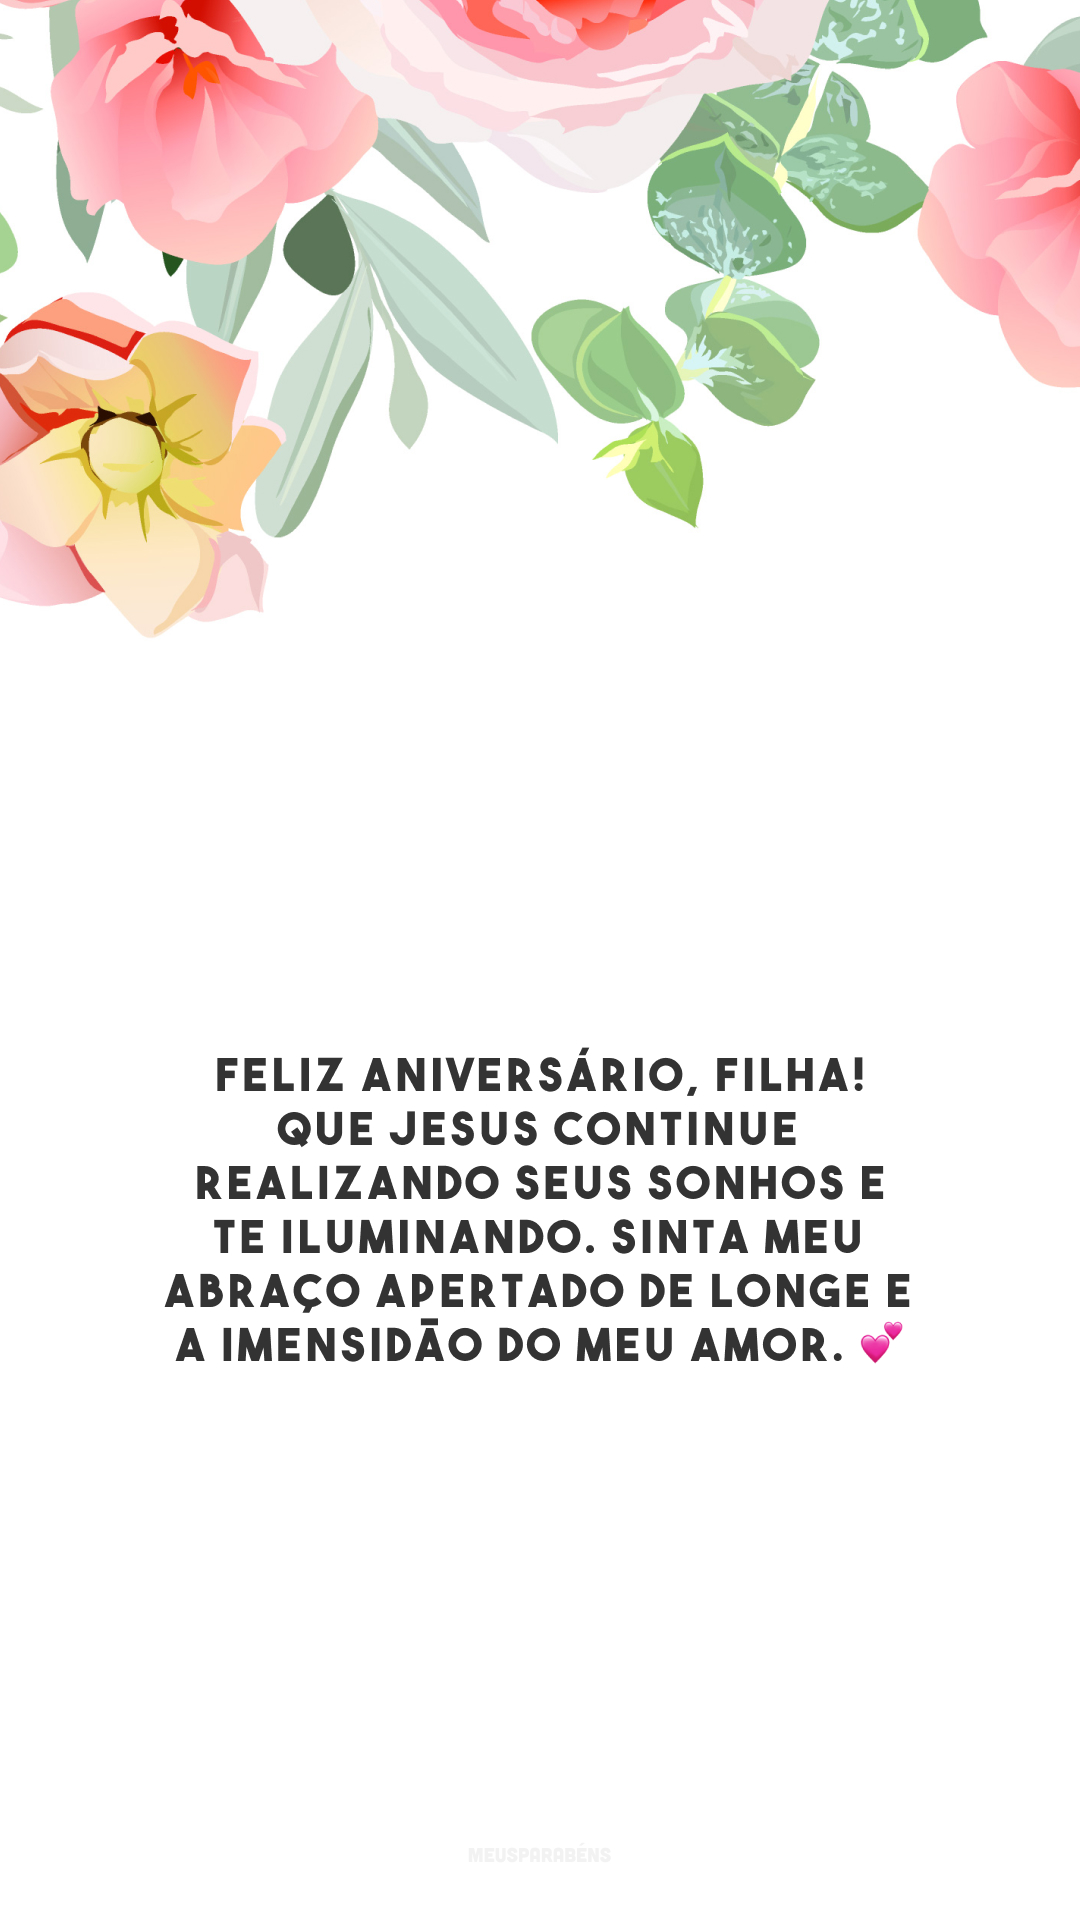 Feliz aniversário, filha! Que Jesus continue realizando seus sonhos e te iluminando. Sinta meu abraço apertado de longe e a imensidão do meu amor. 💕